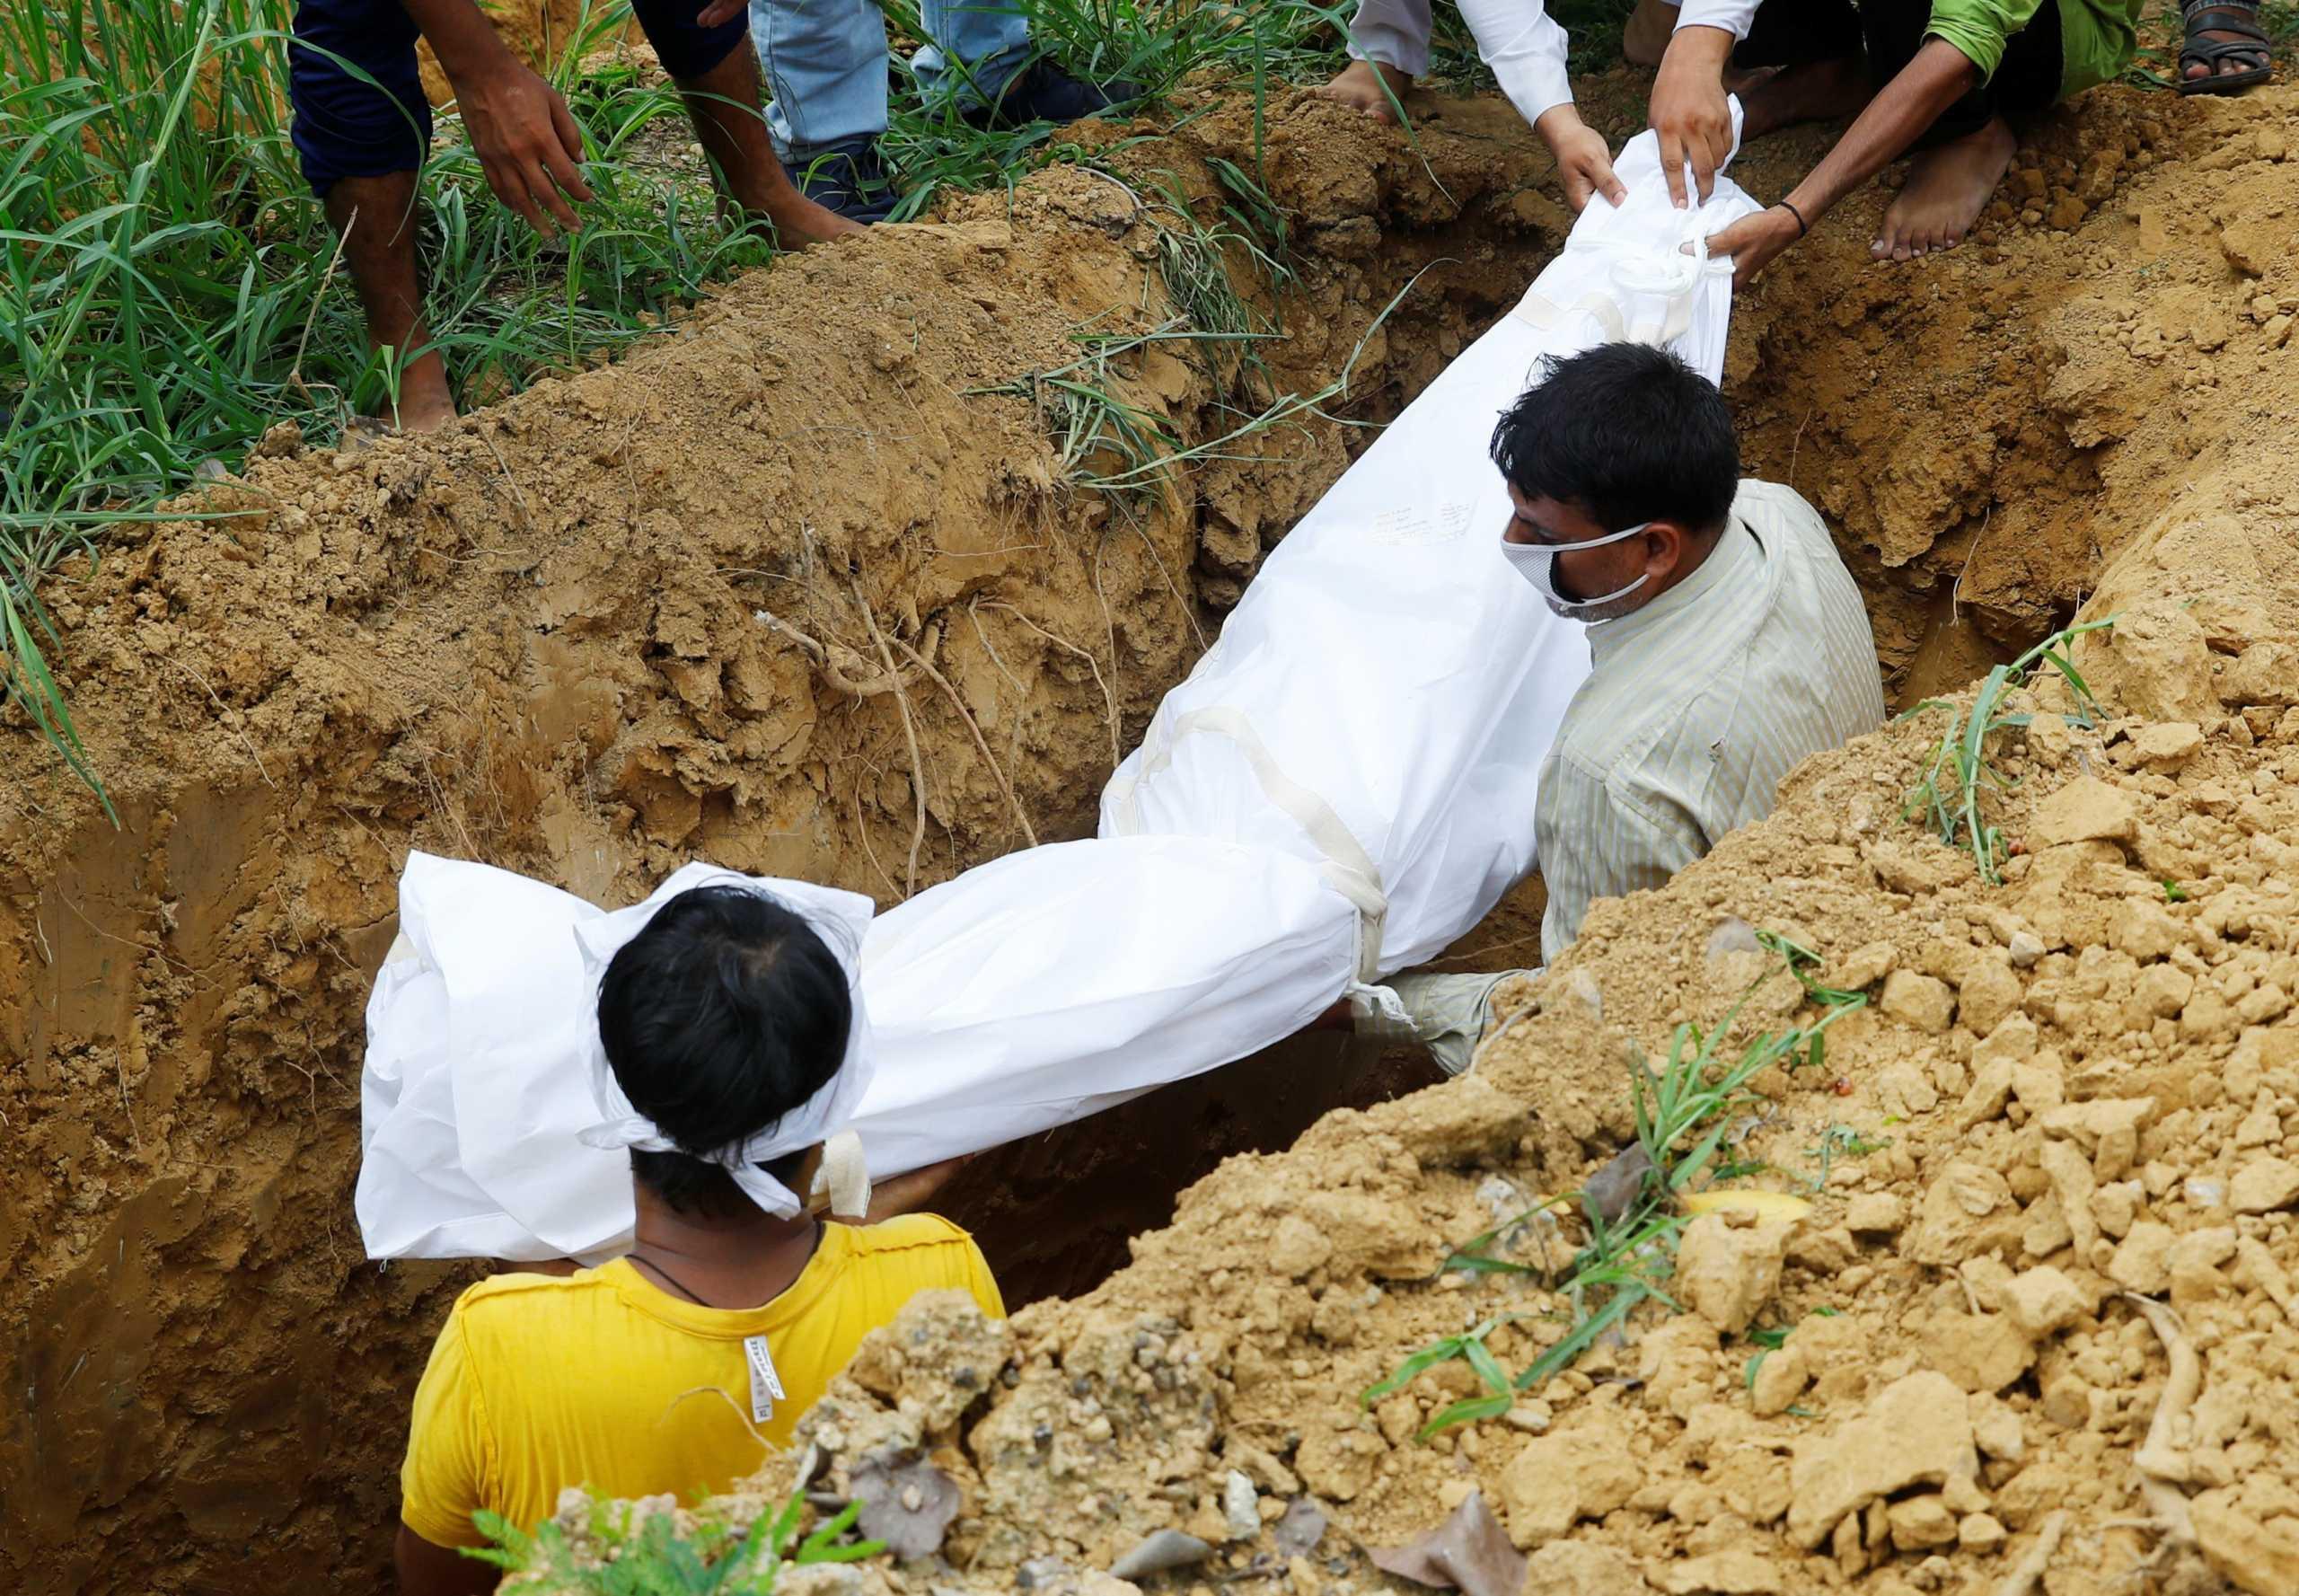 Ο κορονοϊός «σφυροκοπά» την Ινδία: Νέο παγκόσμιο ρεκόρ με 332.730 κρούσματα